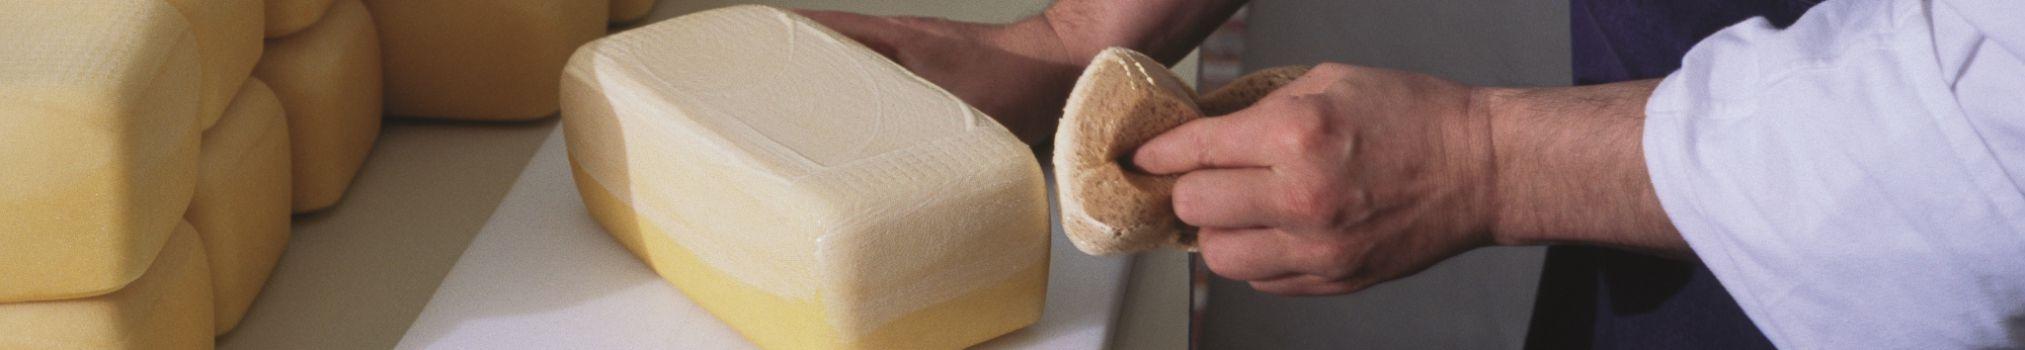 Dans la fromagerie, un frère met une couche de protection sur un fromage trappiste